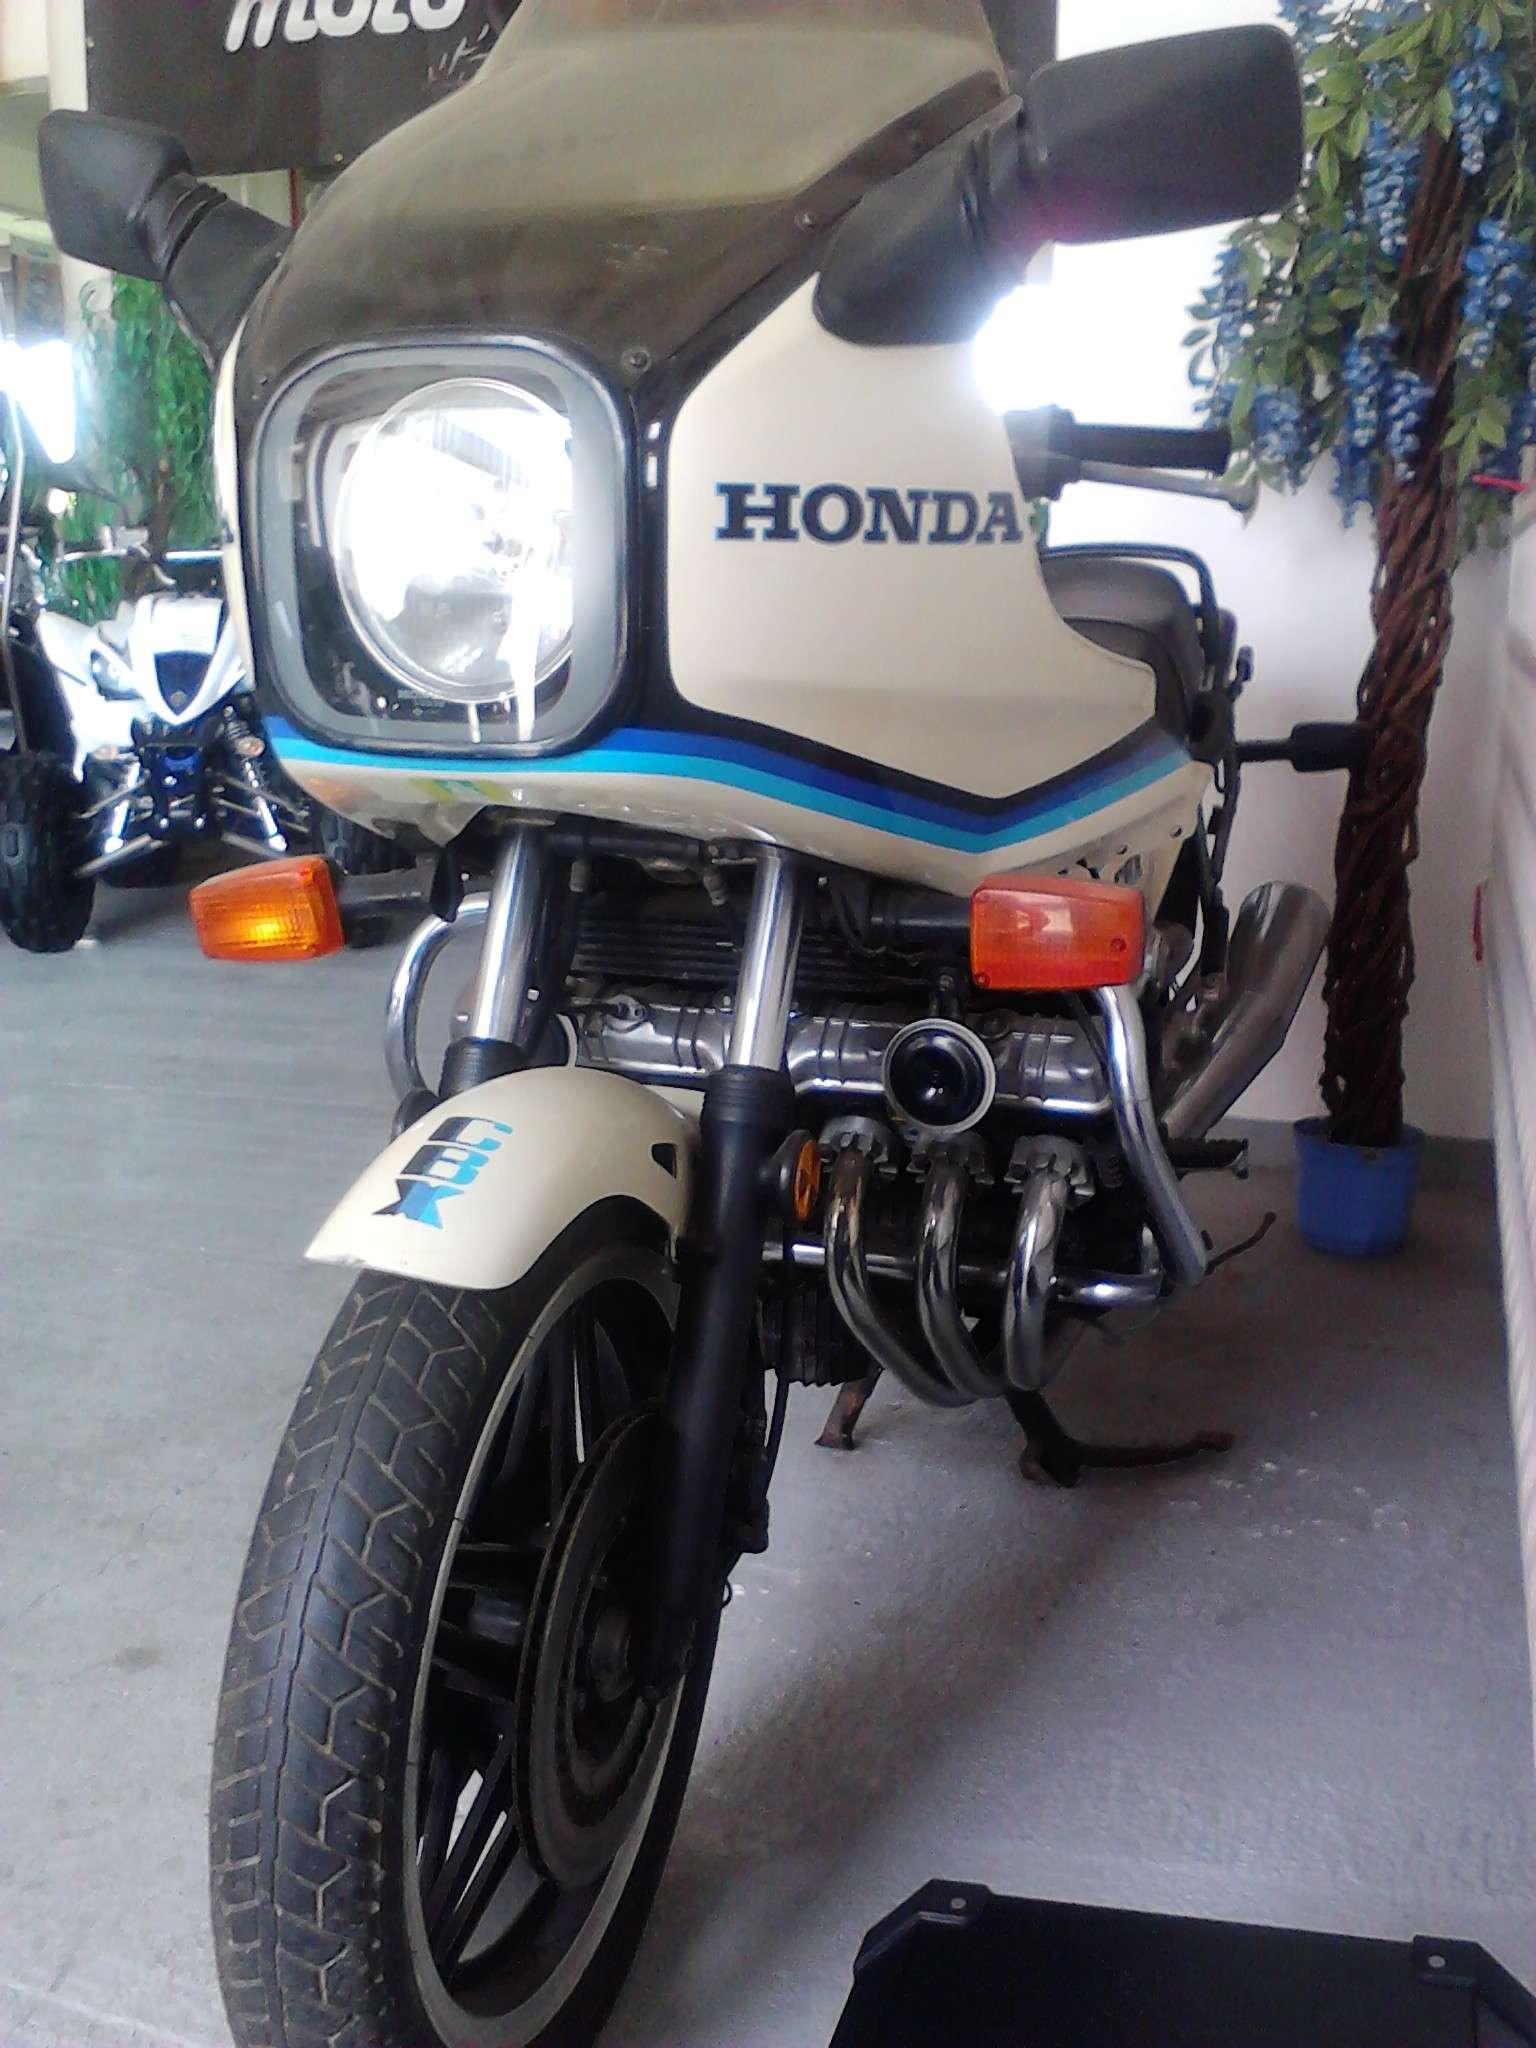 παρακαλω τη HONDA να τη ξανακατασκευασει Img_2012